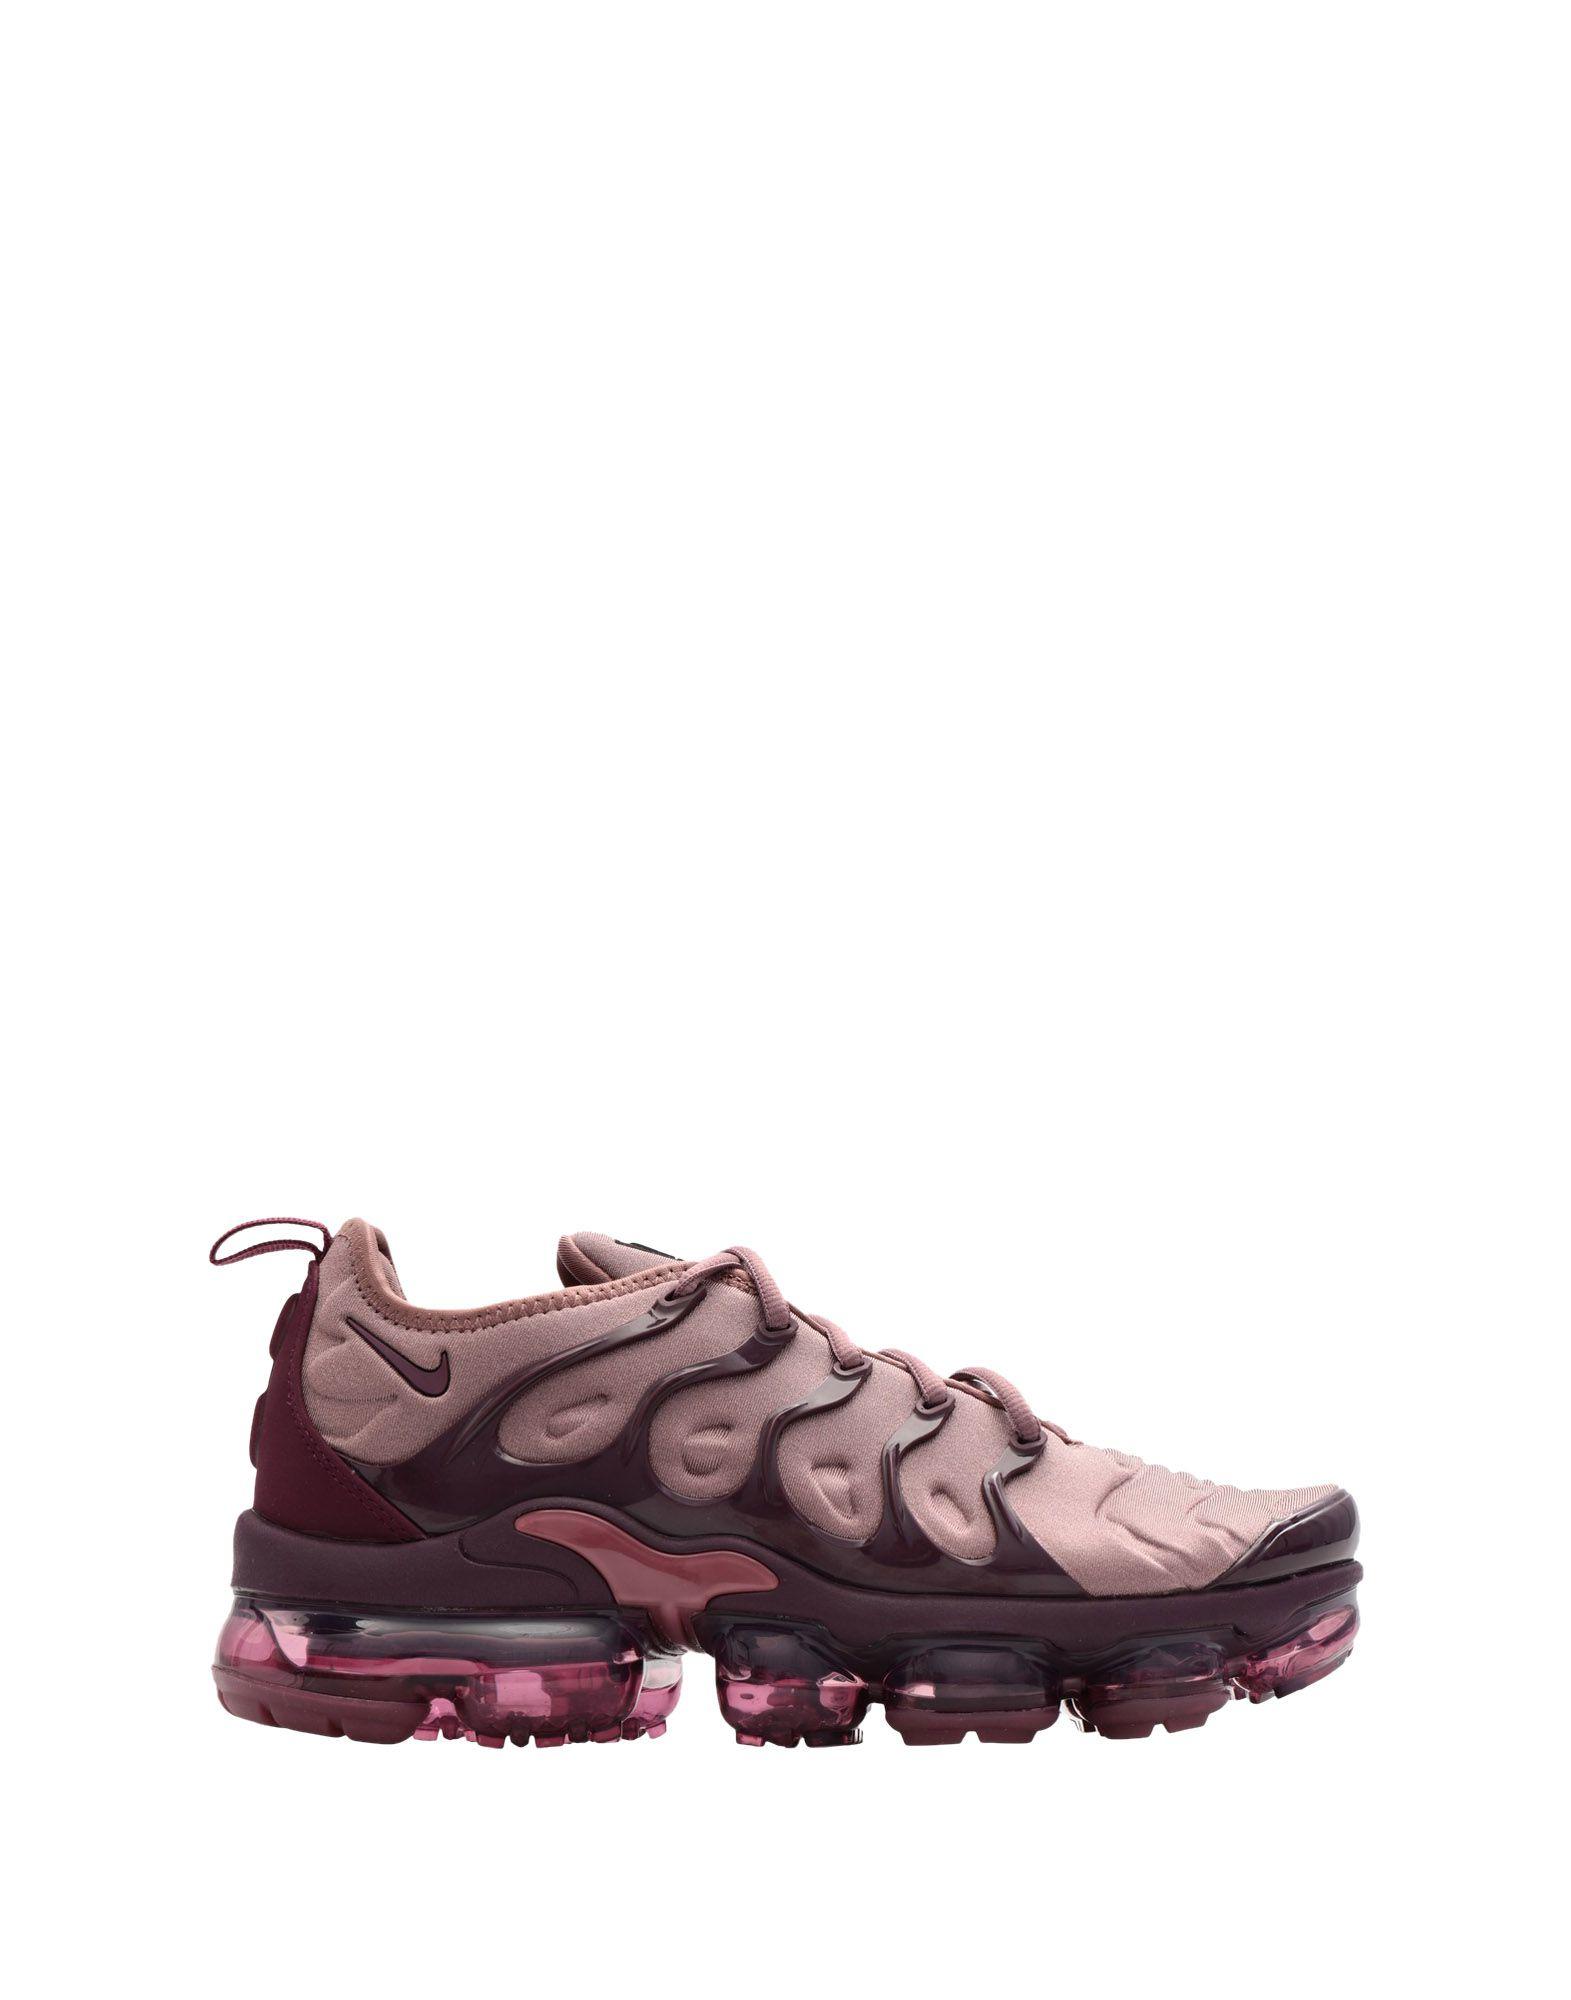 Baskets Nike  Air Vapormax Plus - Femme - Baskets Nike Violet Les chaussures les plus populaires pour les hommes et les femmes